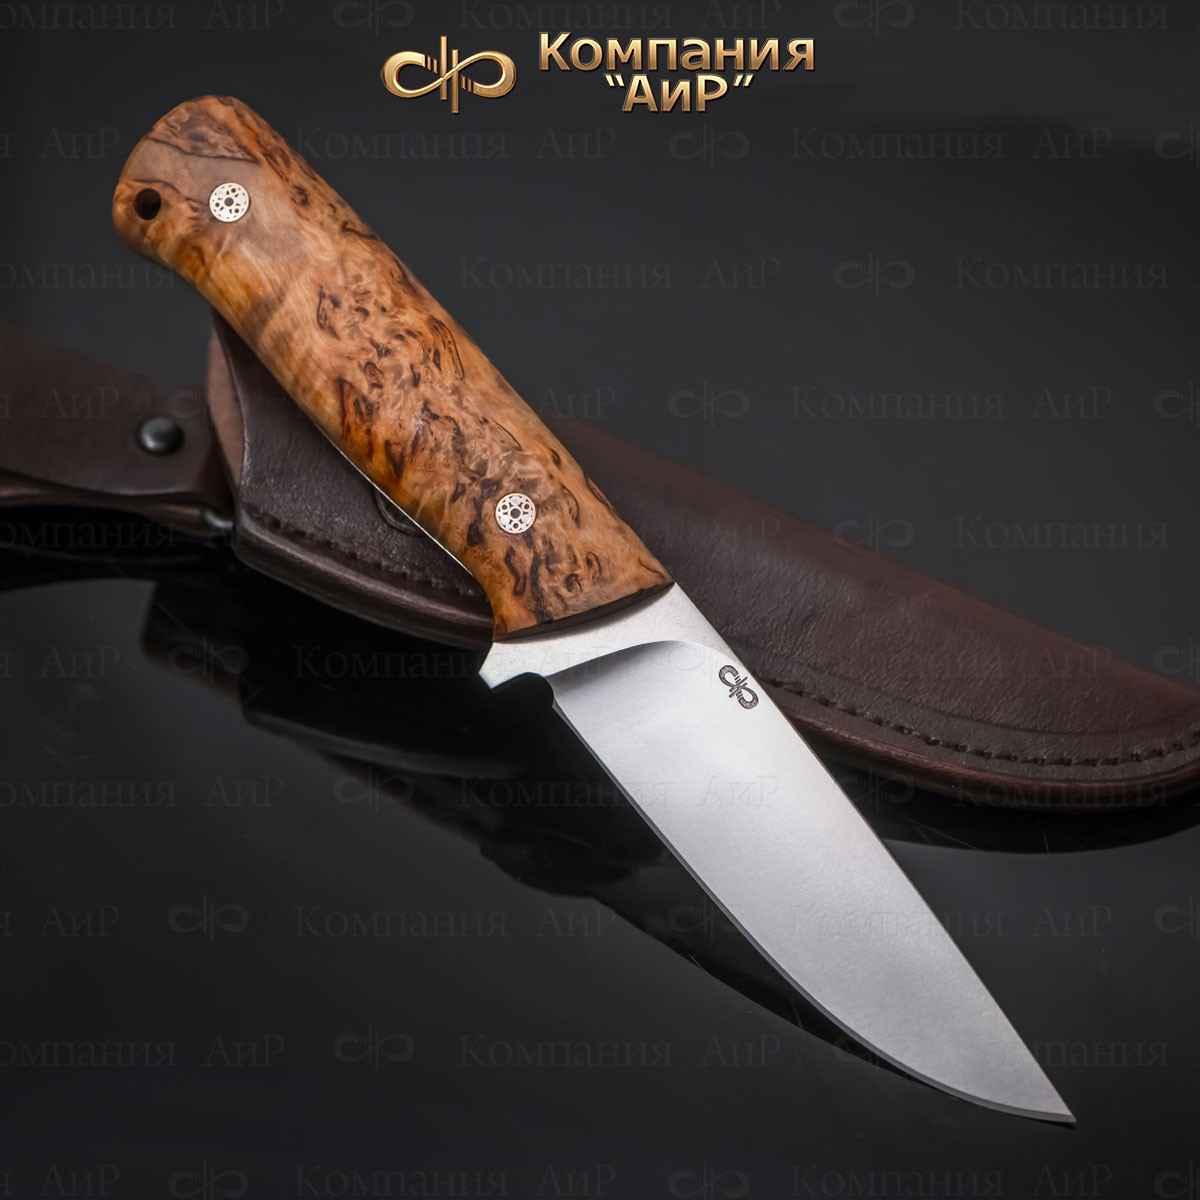 Нож разделочный АиР Стриж ЦМ, сталь 110х18 М-ШД, рукоять карельская береза нож бекас карельская береза 110х18 м шд